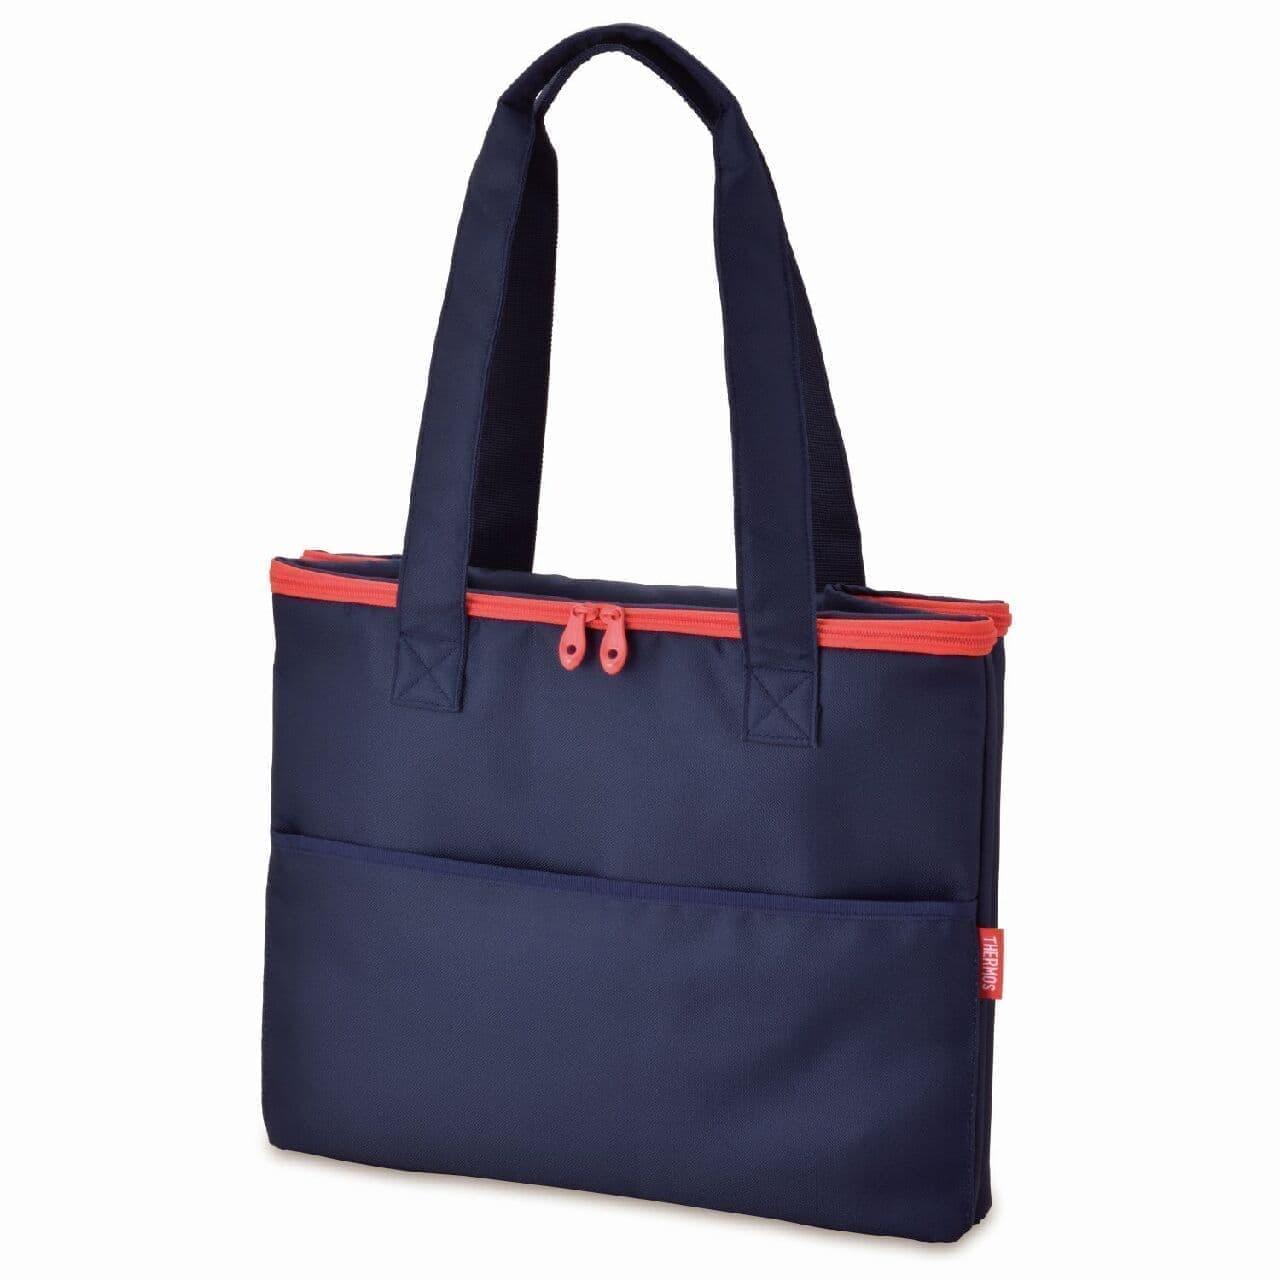 大容量「サーモス 保冷ショッピングバッグ」リニューアル -- ジッパー付きで持ち運び安心